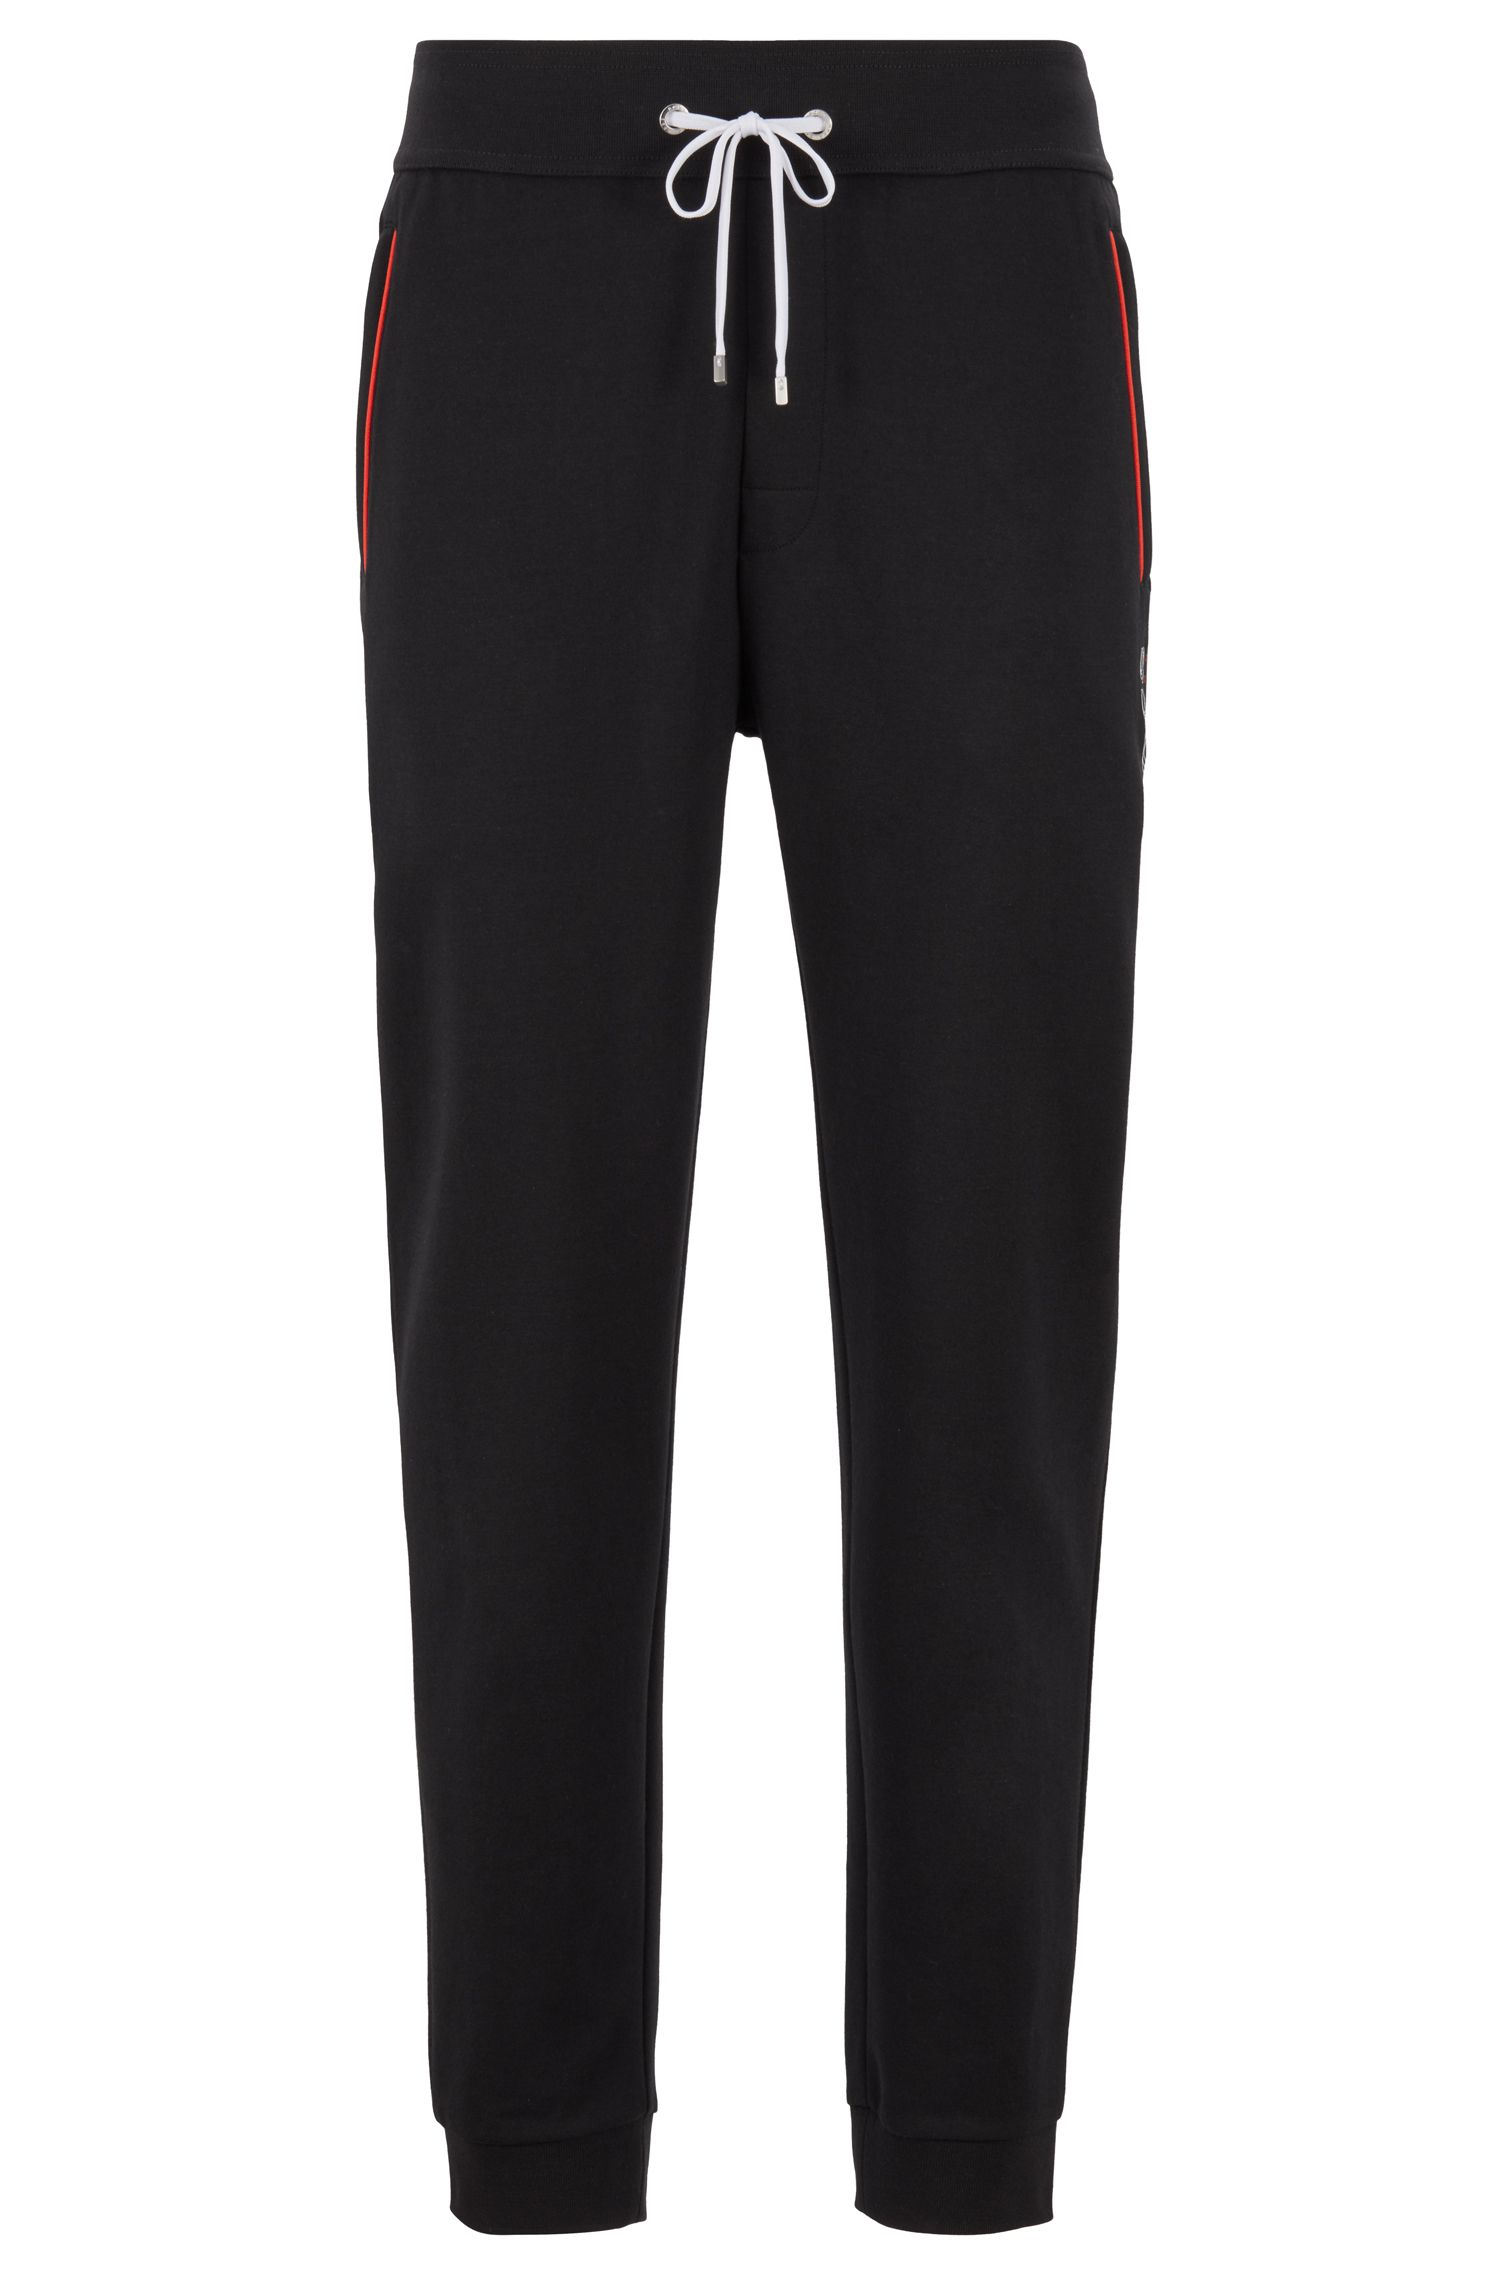 Pantalones loungewear con puños en los bajos en piqué de mezcla de algodón , Negro